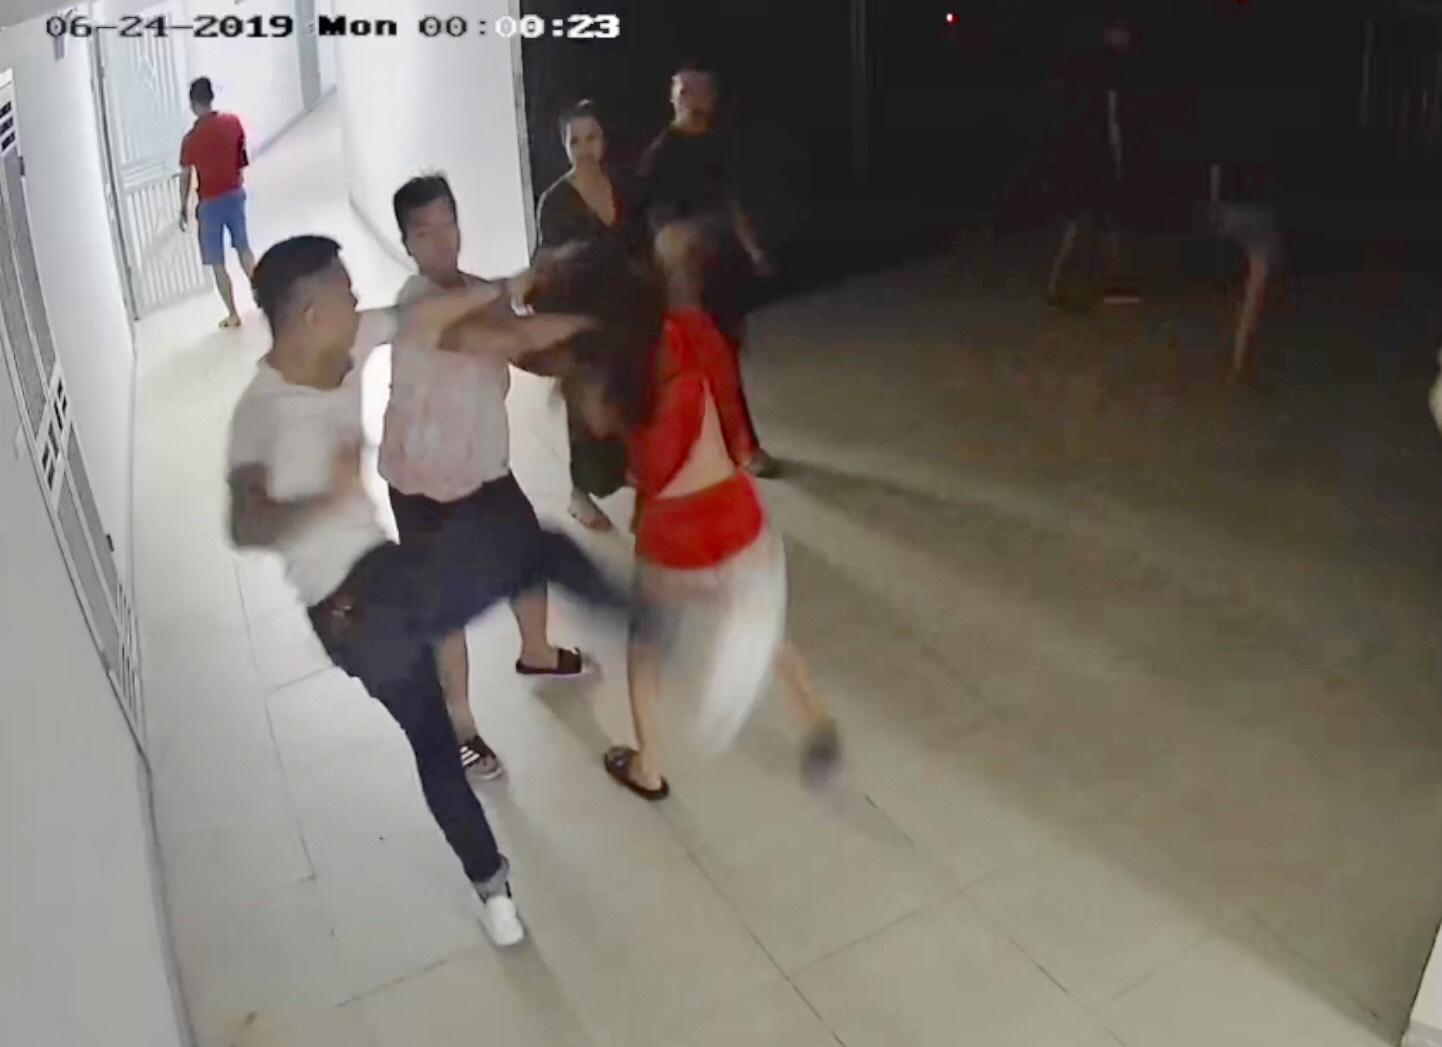 """Clip: Cô gái trẻ bị đánh hội đồng, hàng xóm ra xem liền bị """"côn đồ"""" truy đuổi - 1"""